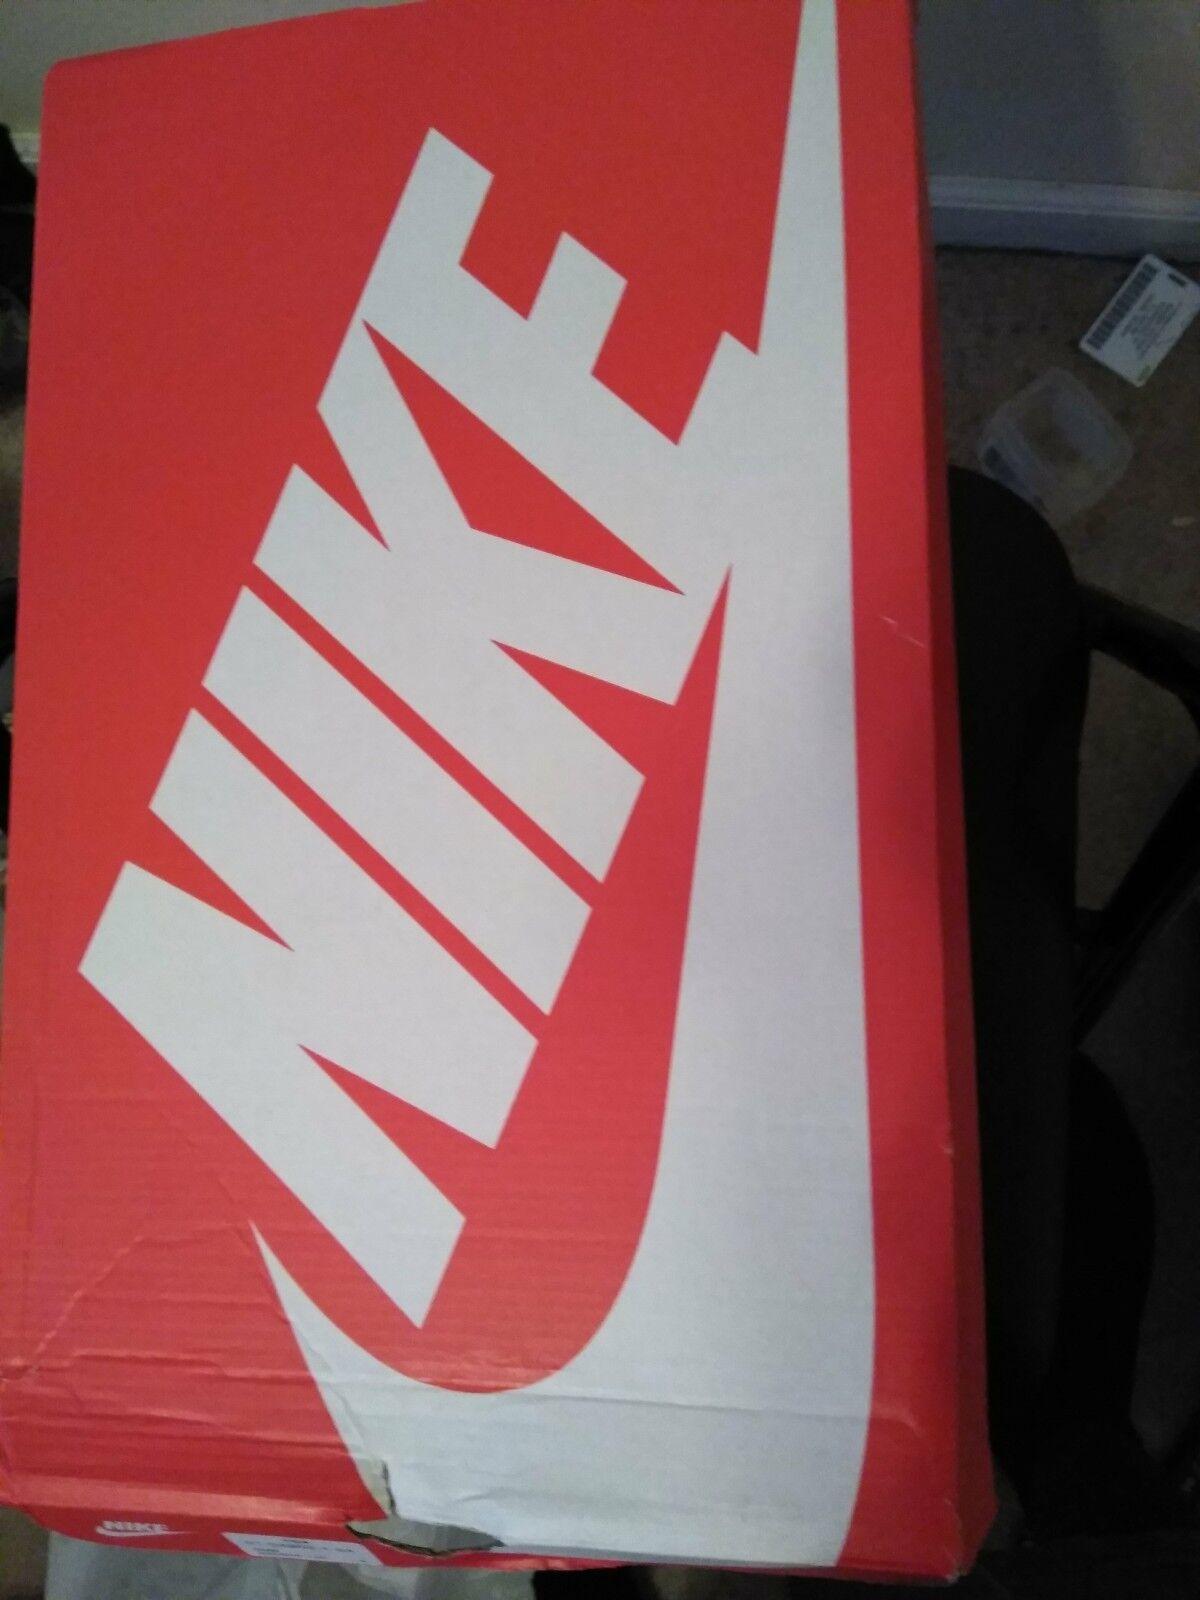 Nike air max 922934-100 2 ritmo 94 13 922934-100 max dimensioni bianca e88a4d